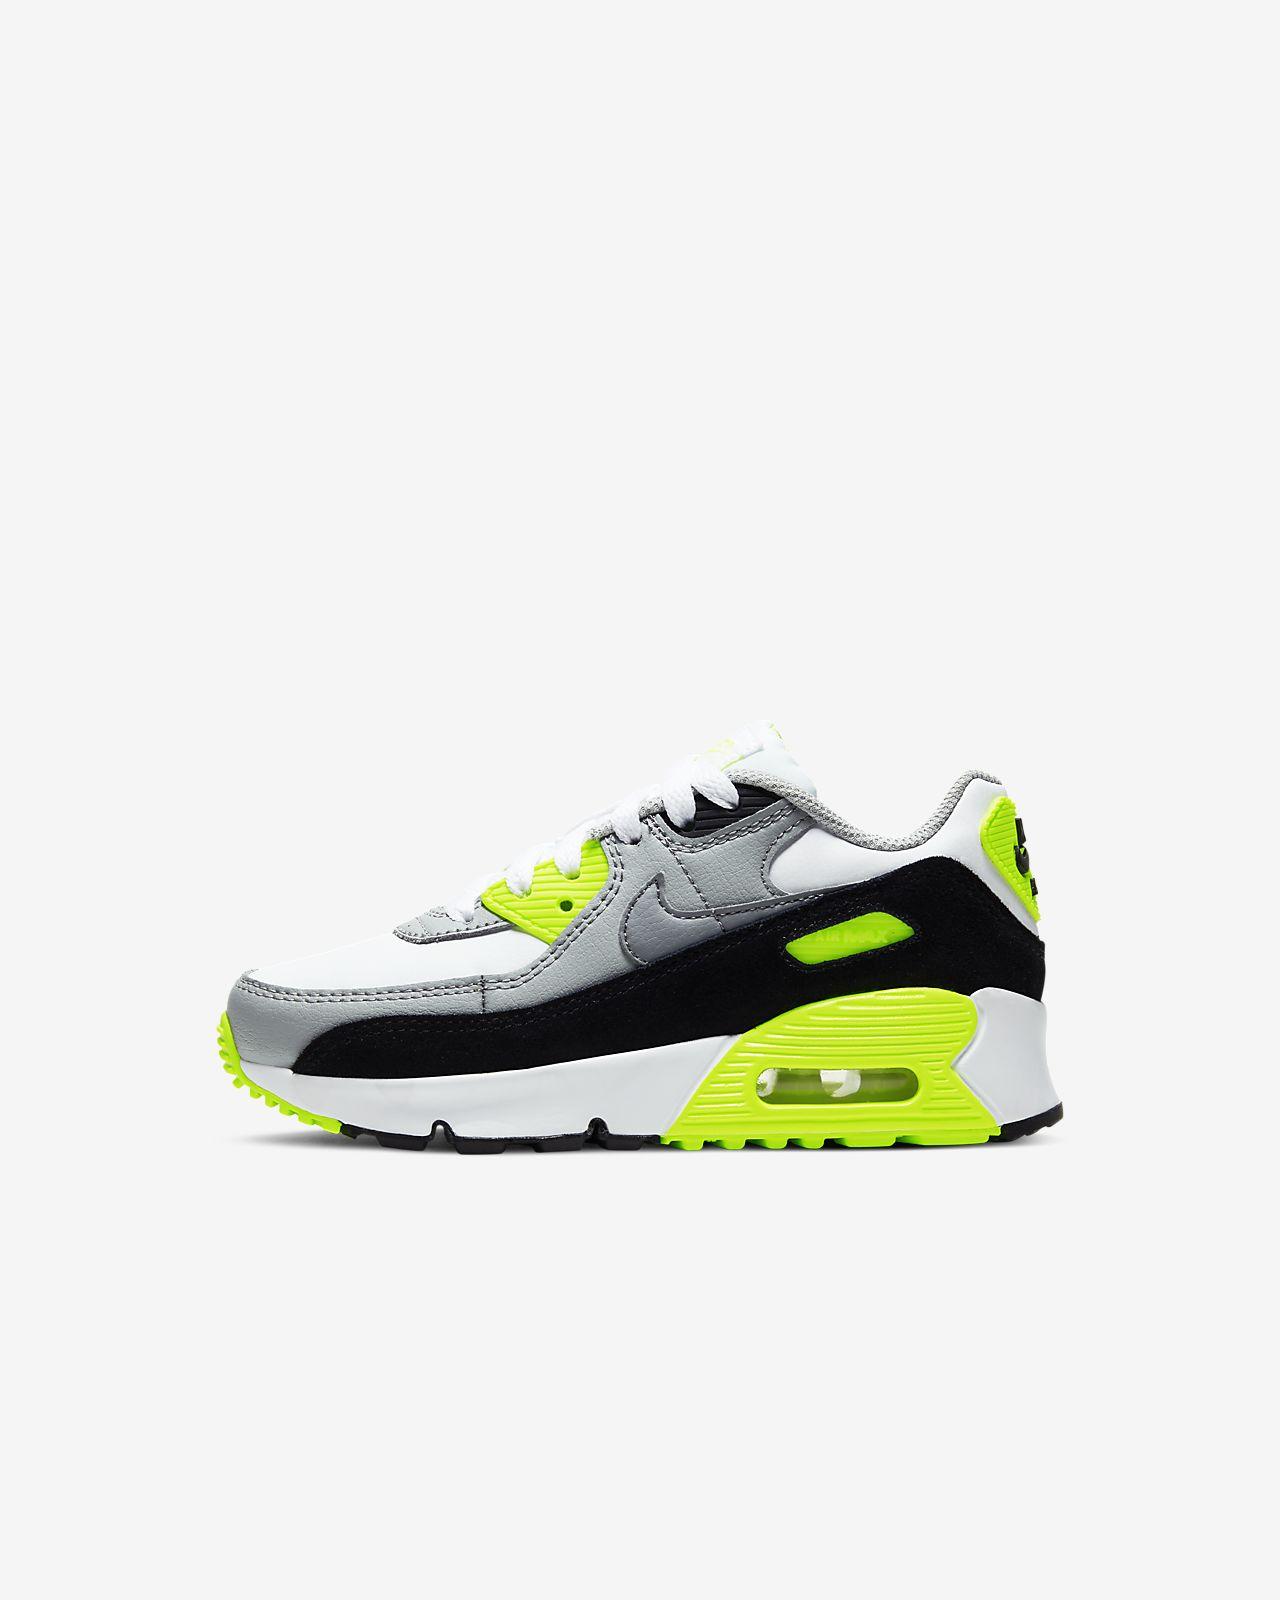 Nike Air Max dla dzieci? Najpopularniejsze modele w